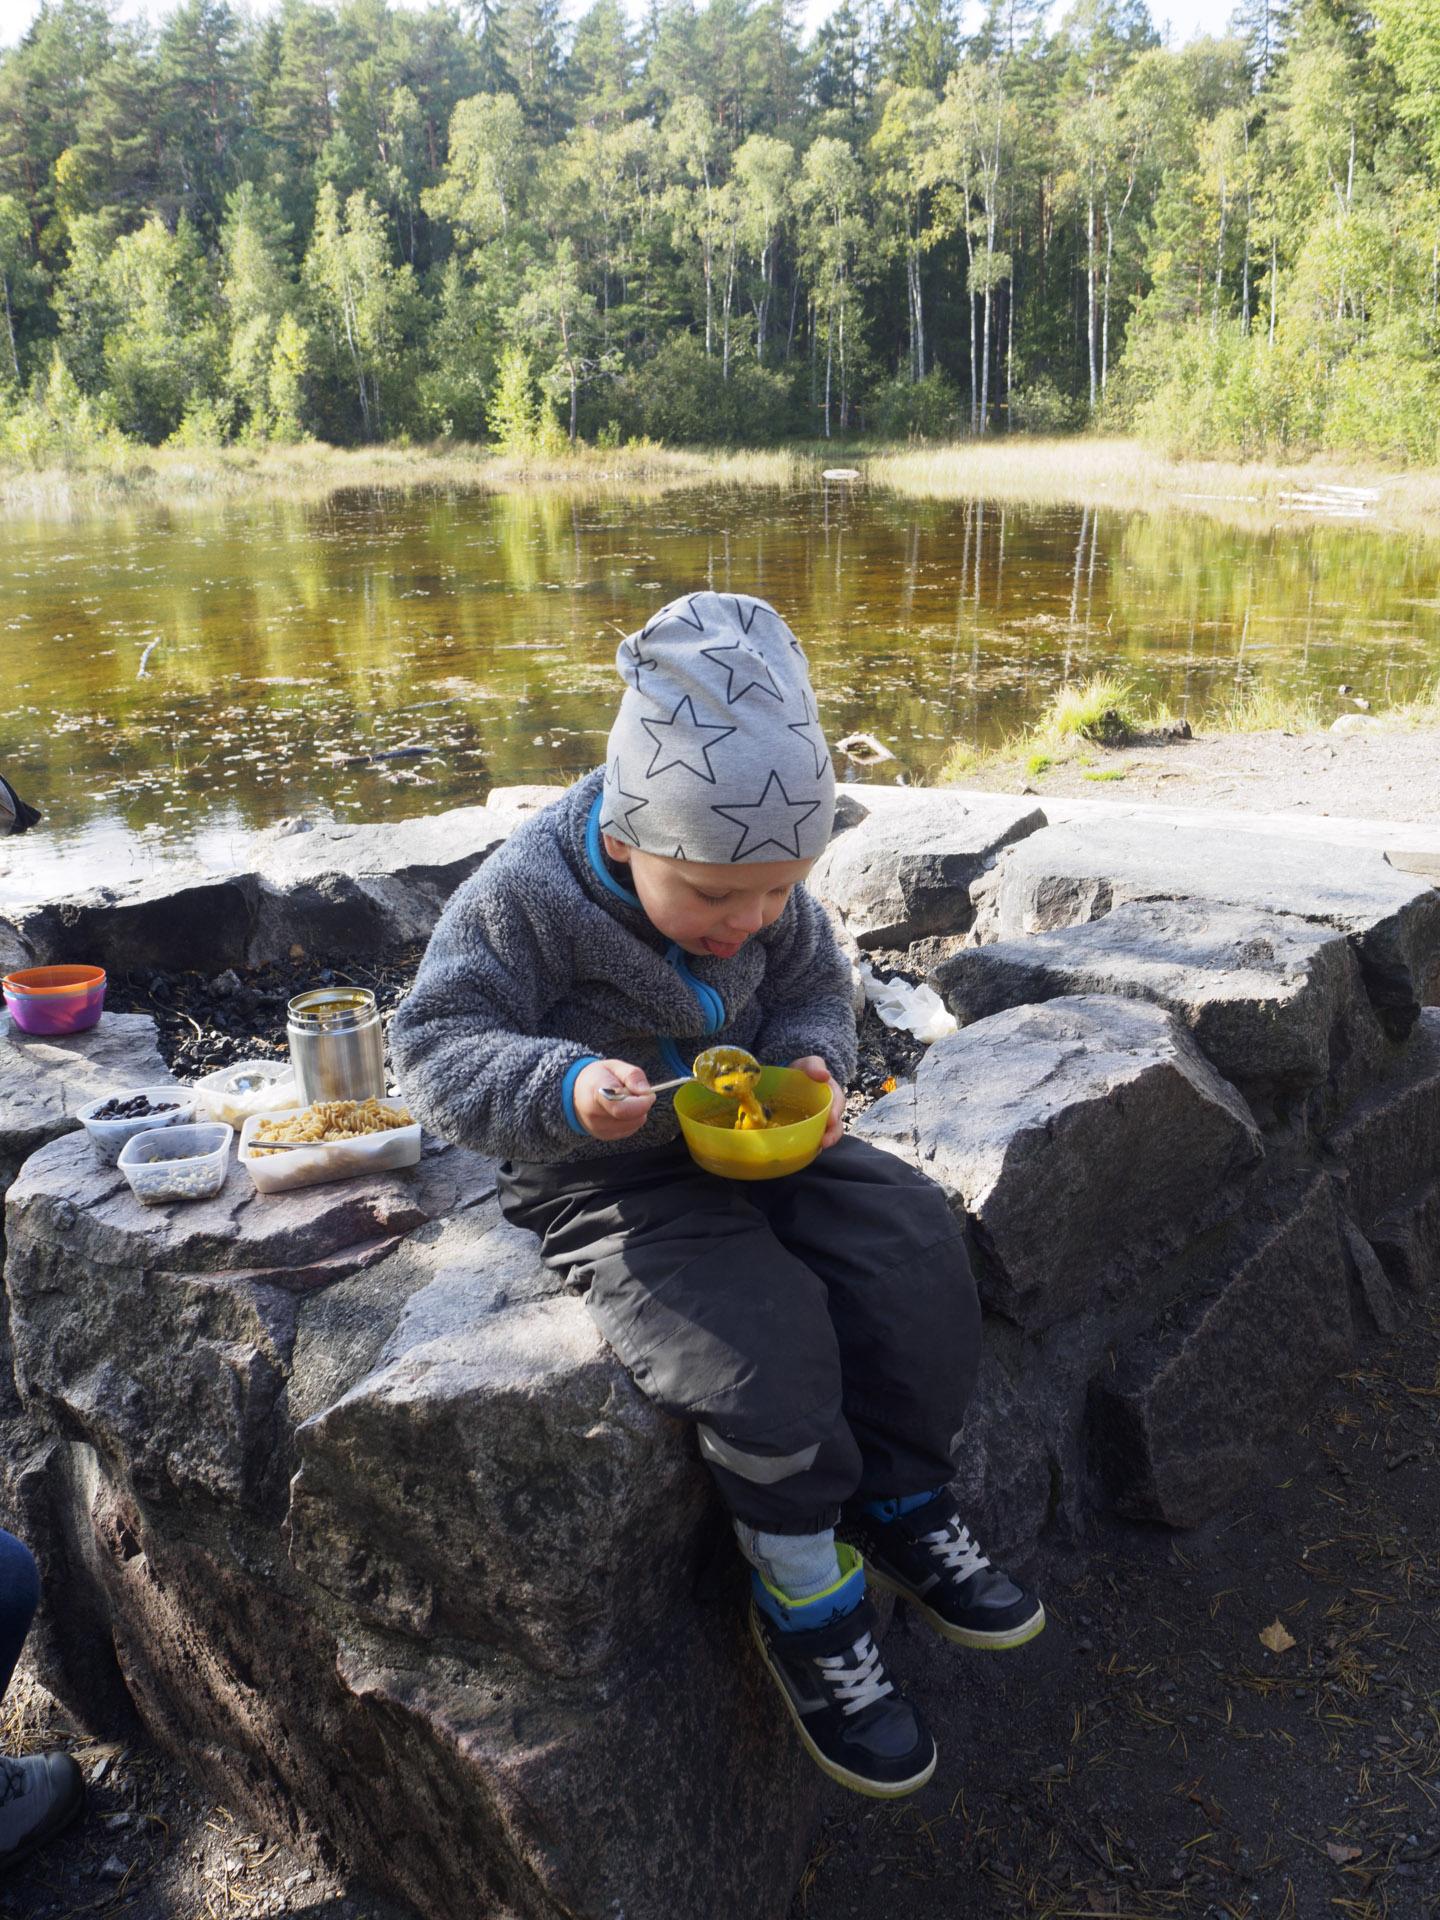 SandraCallermo.se En matig livsstilsblogg! • Page 23 of